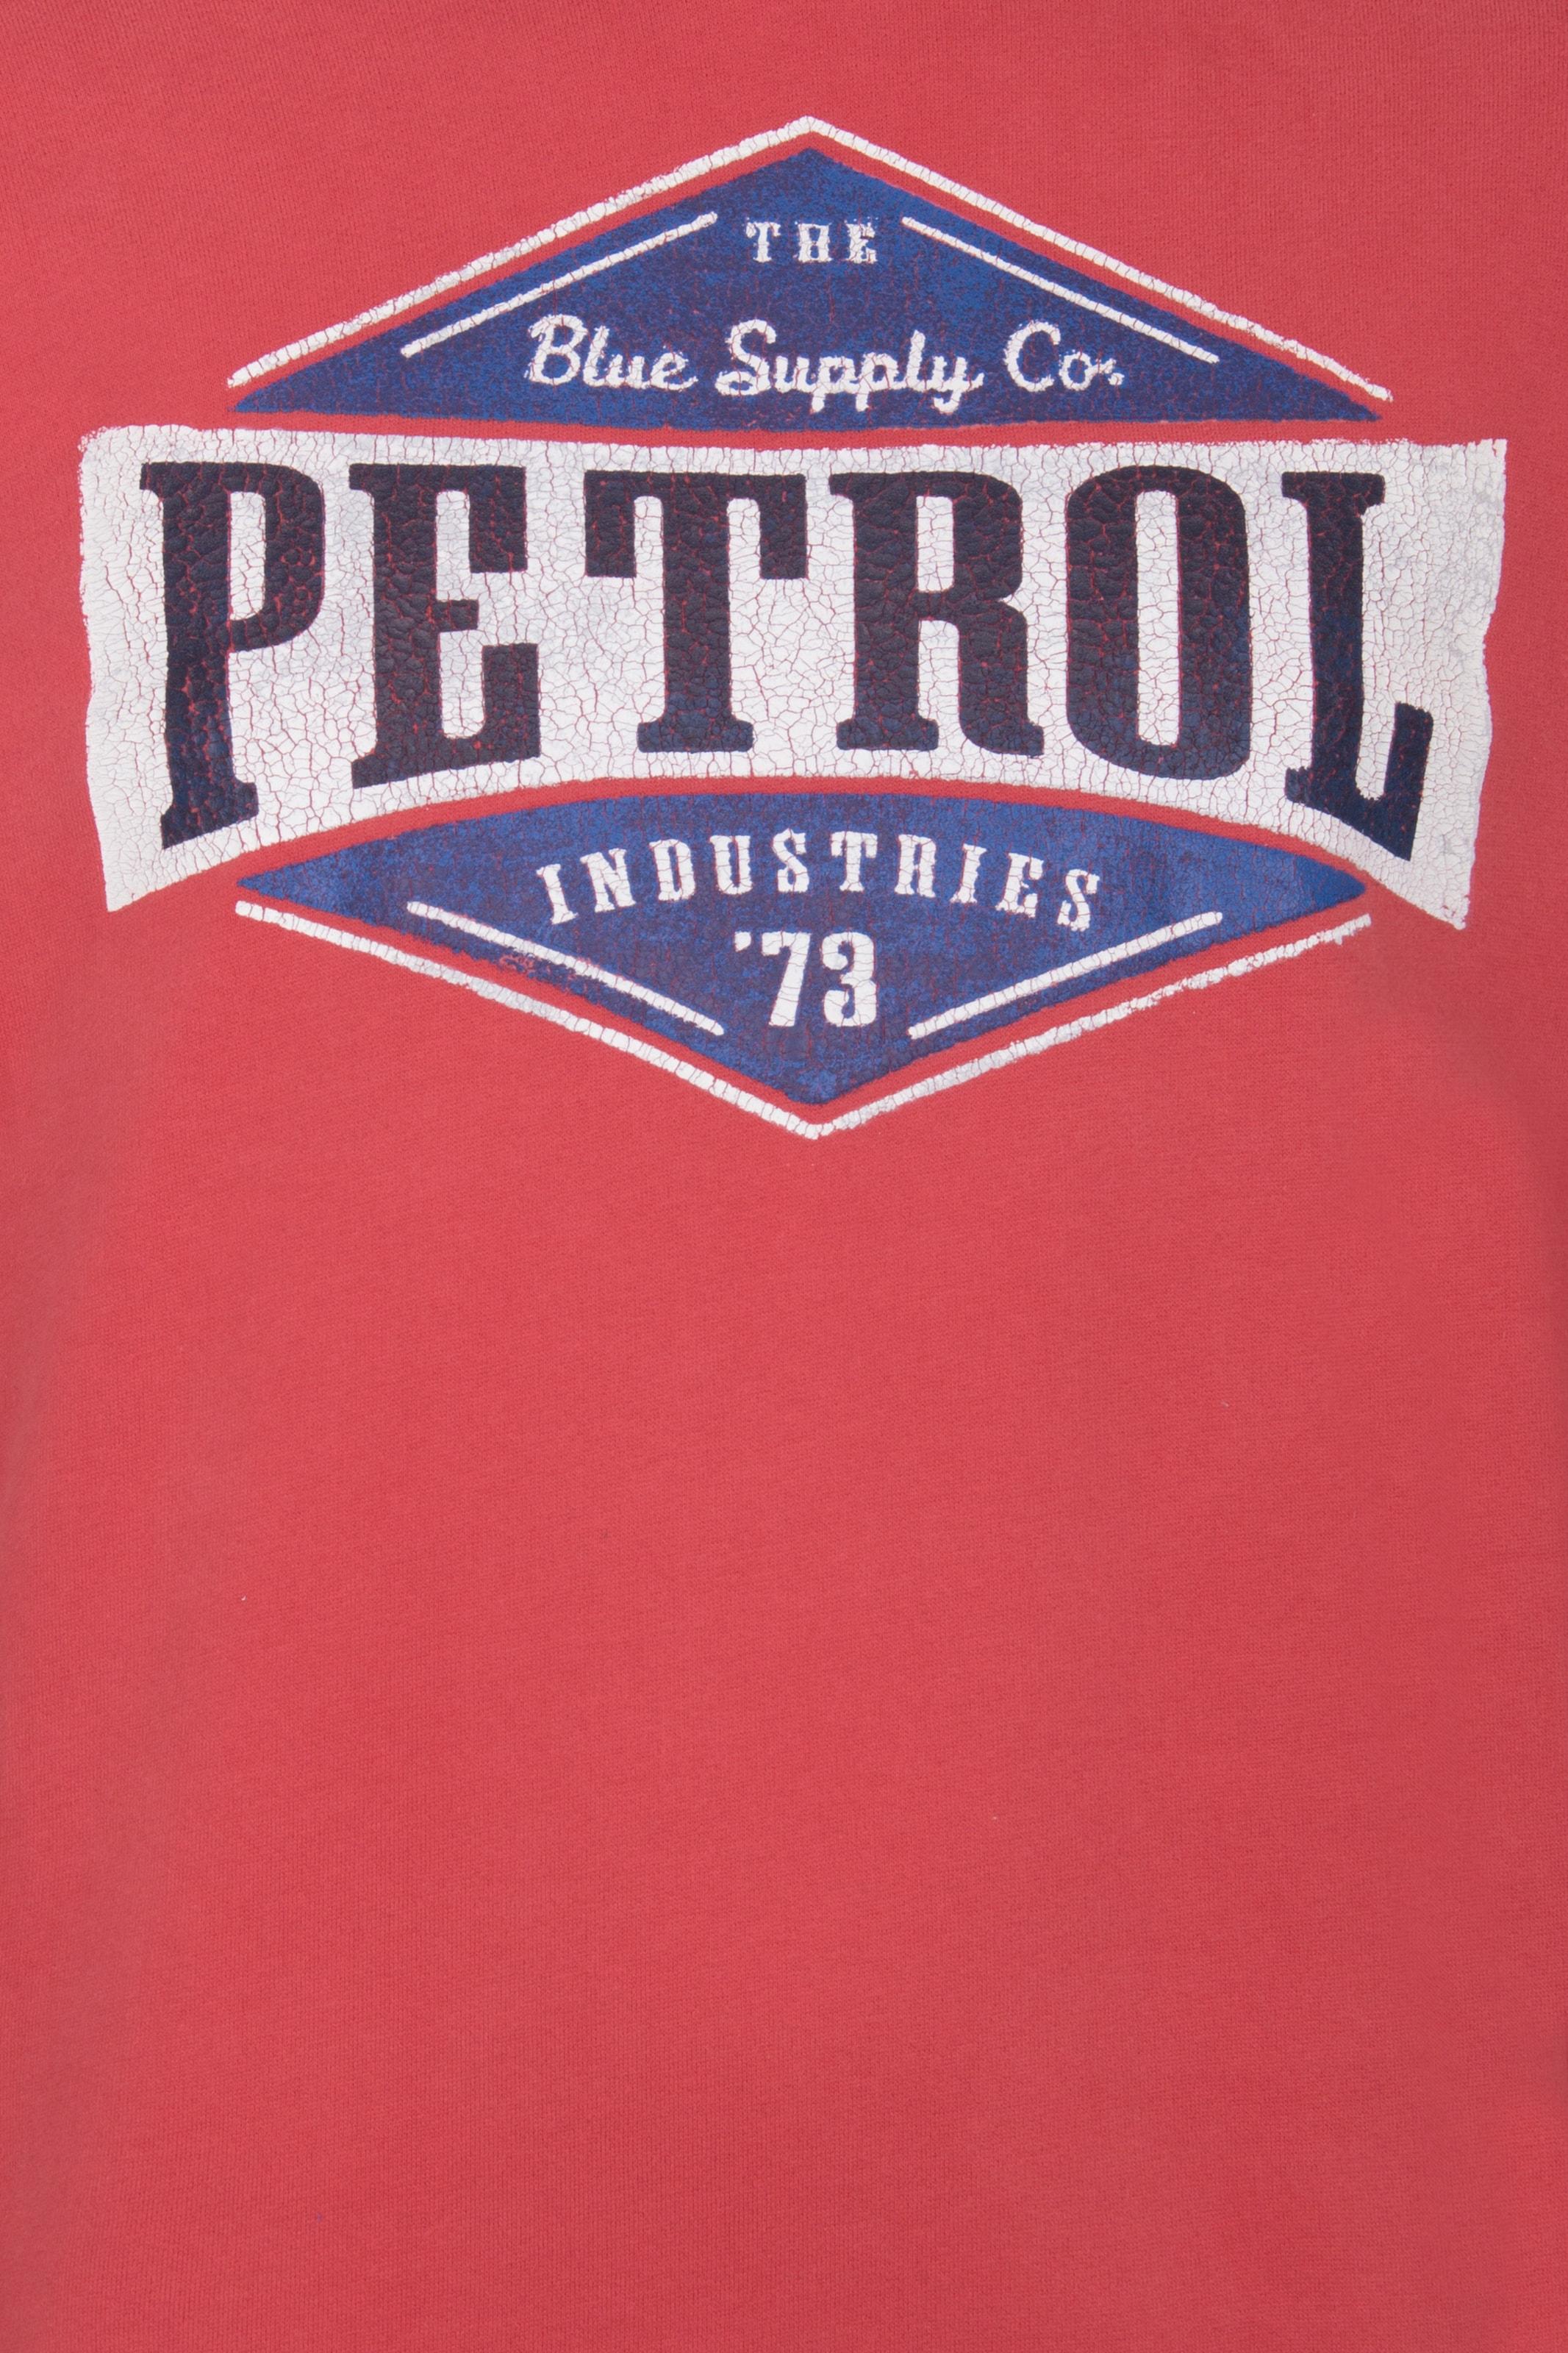 Petrol Industries Hoodie Empfehlen Verkauf Online Großhandel Qualität In Deutschland Billig CURTCiG7VW